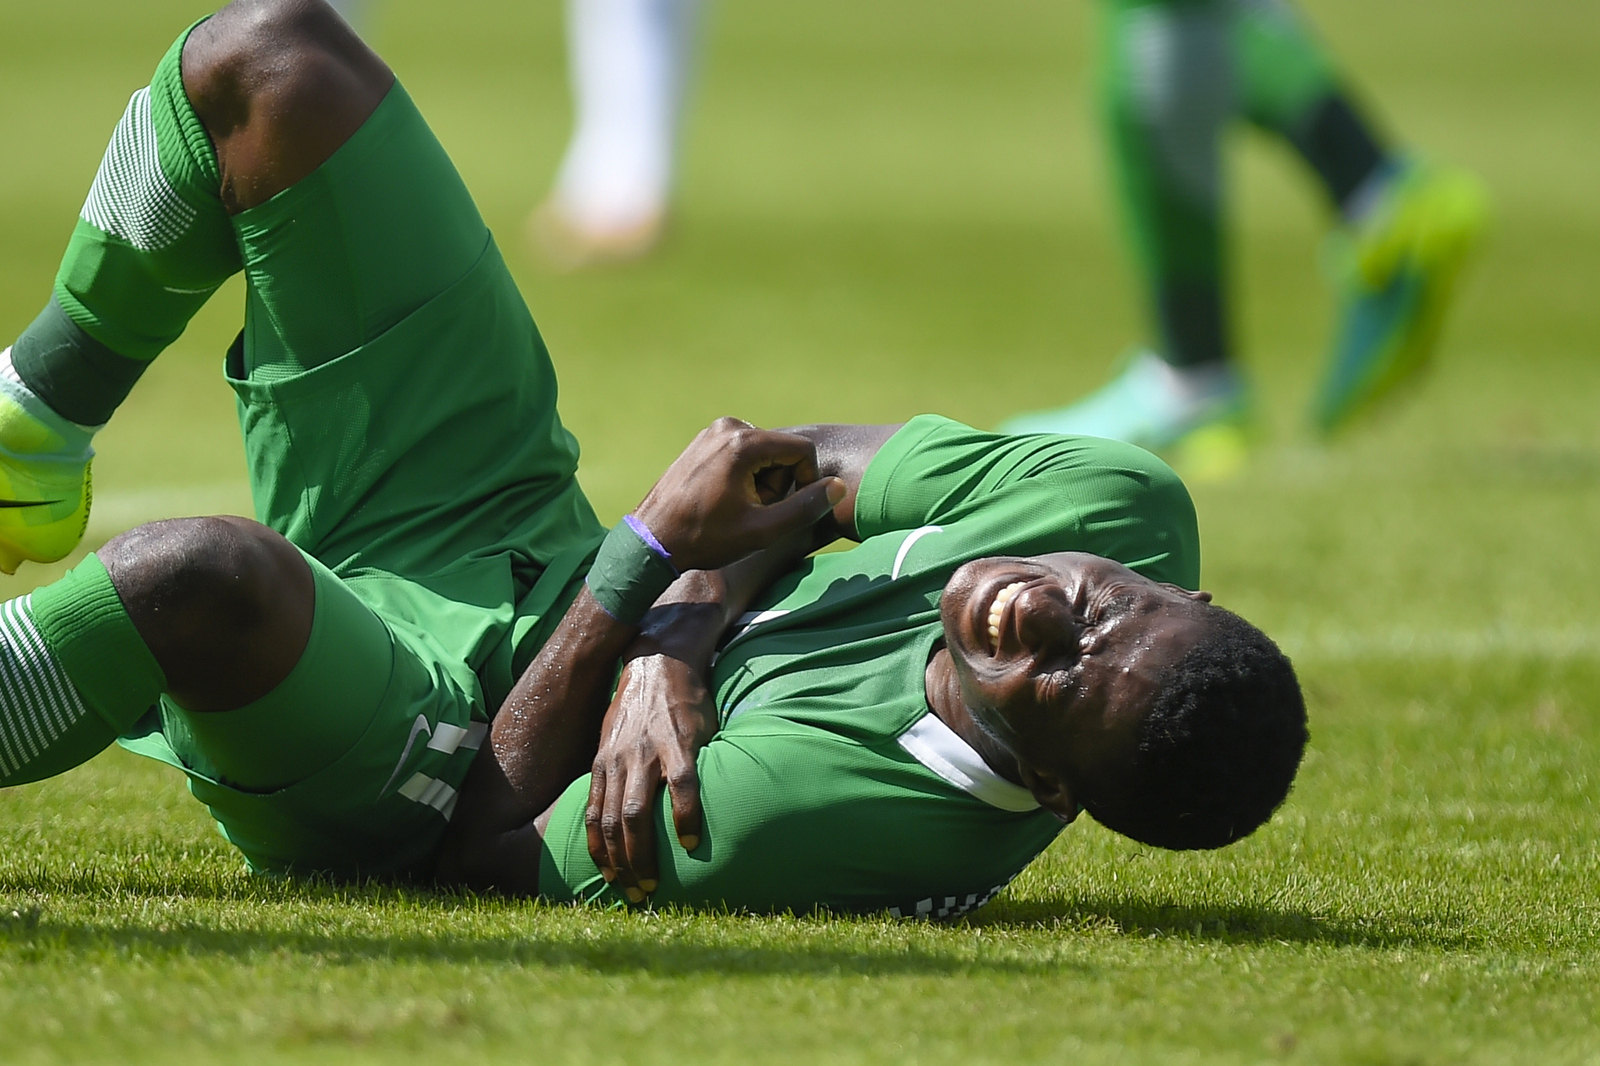 Нигериец Усма Мухаммед получил травму во время матча по футболу